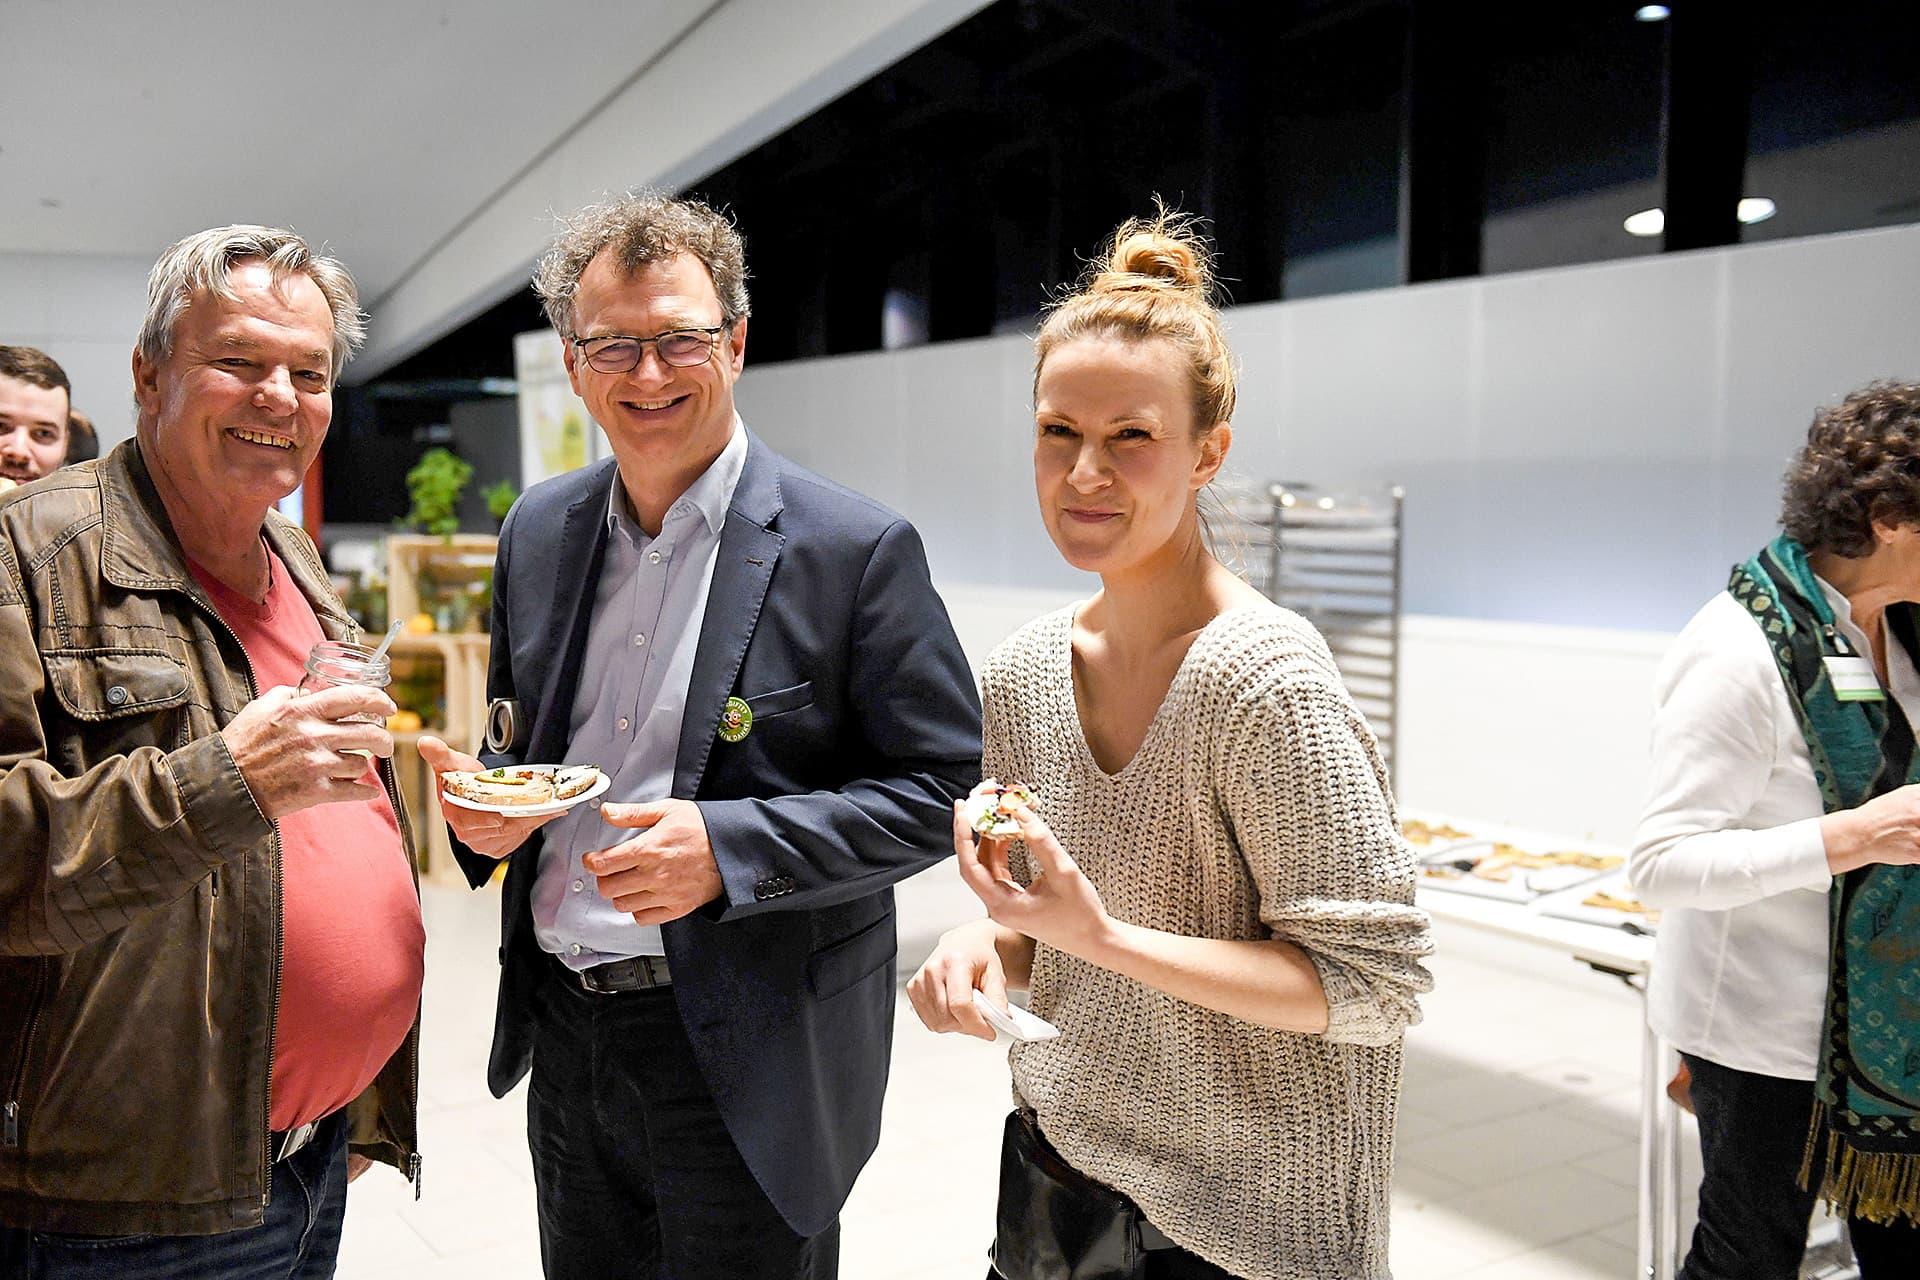 Sieger der Leserwahl beim Snack nach der Gala.